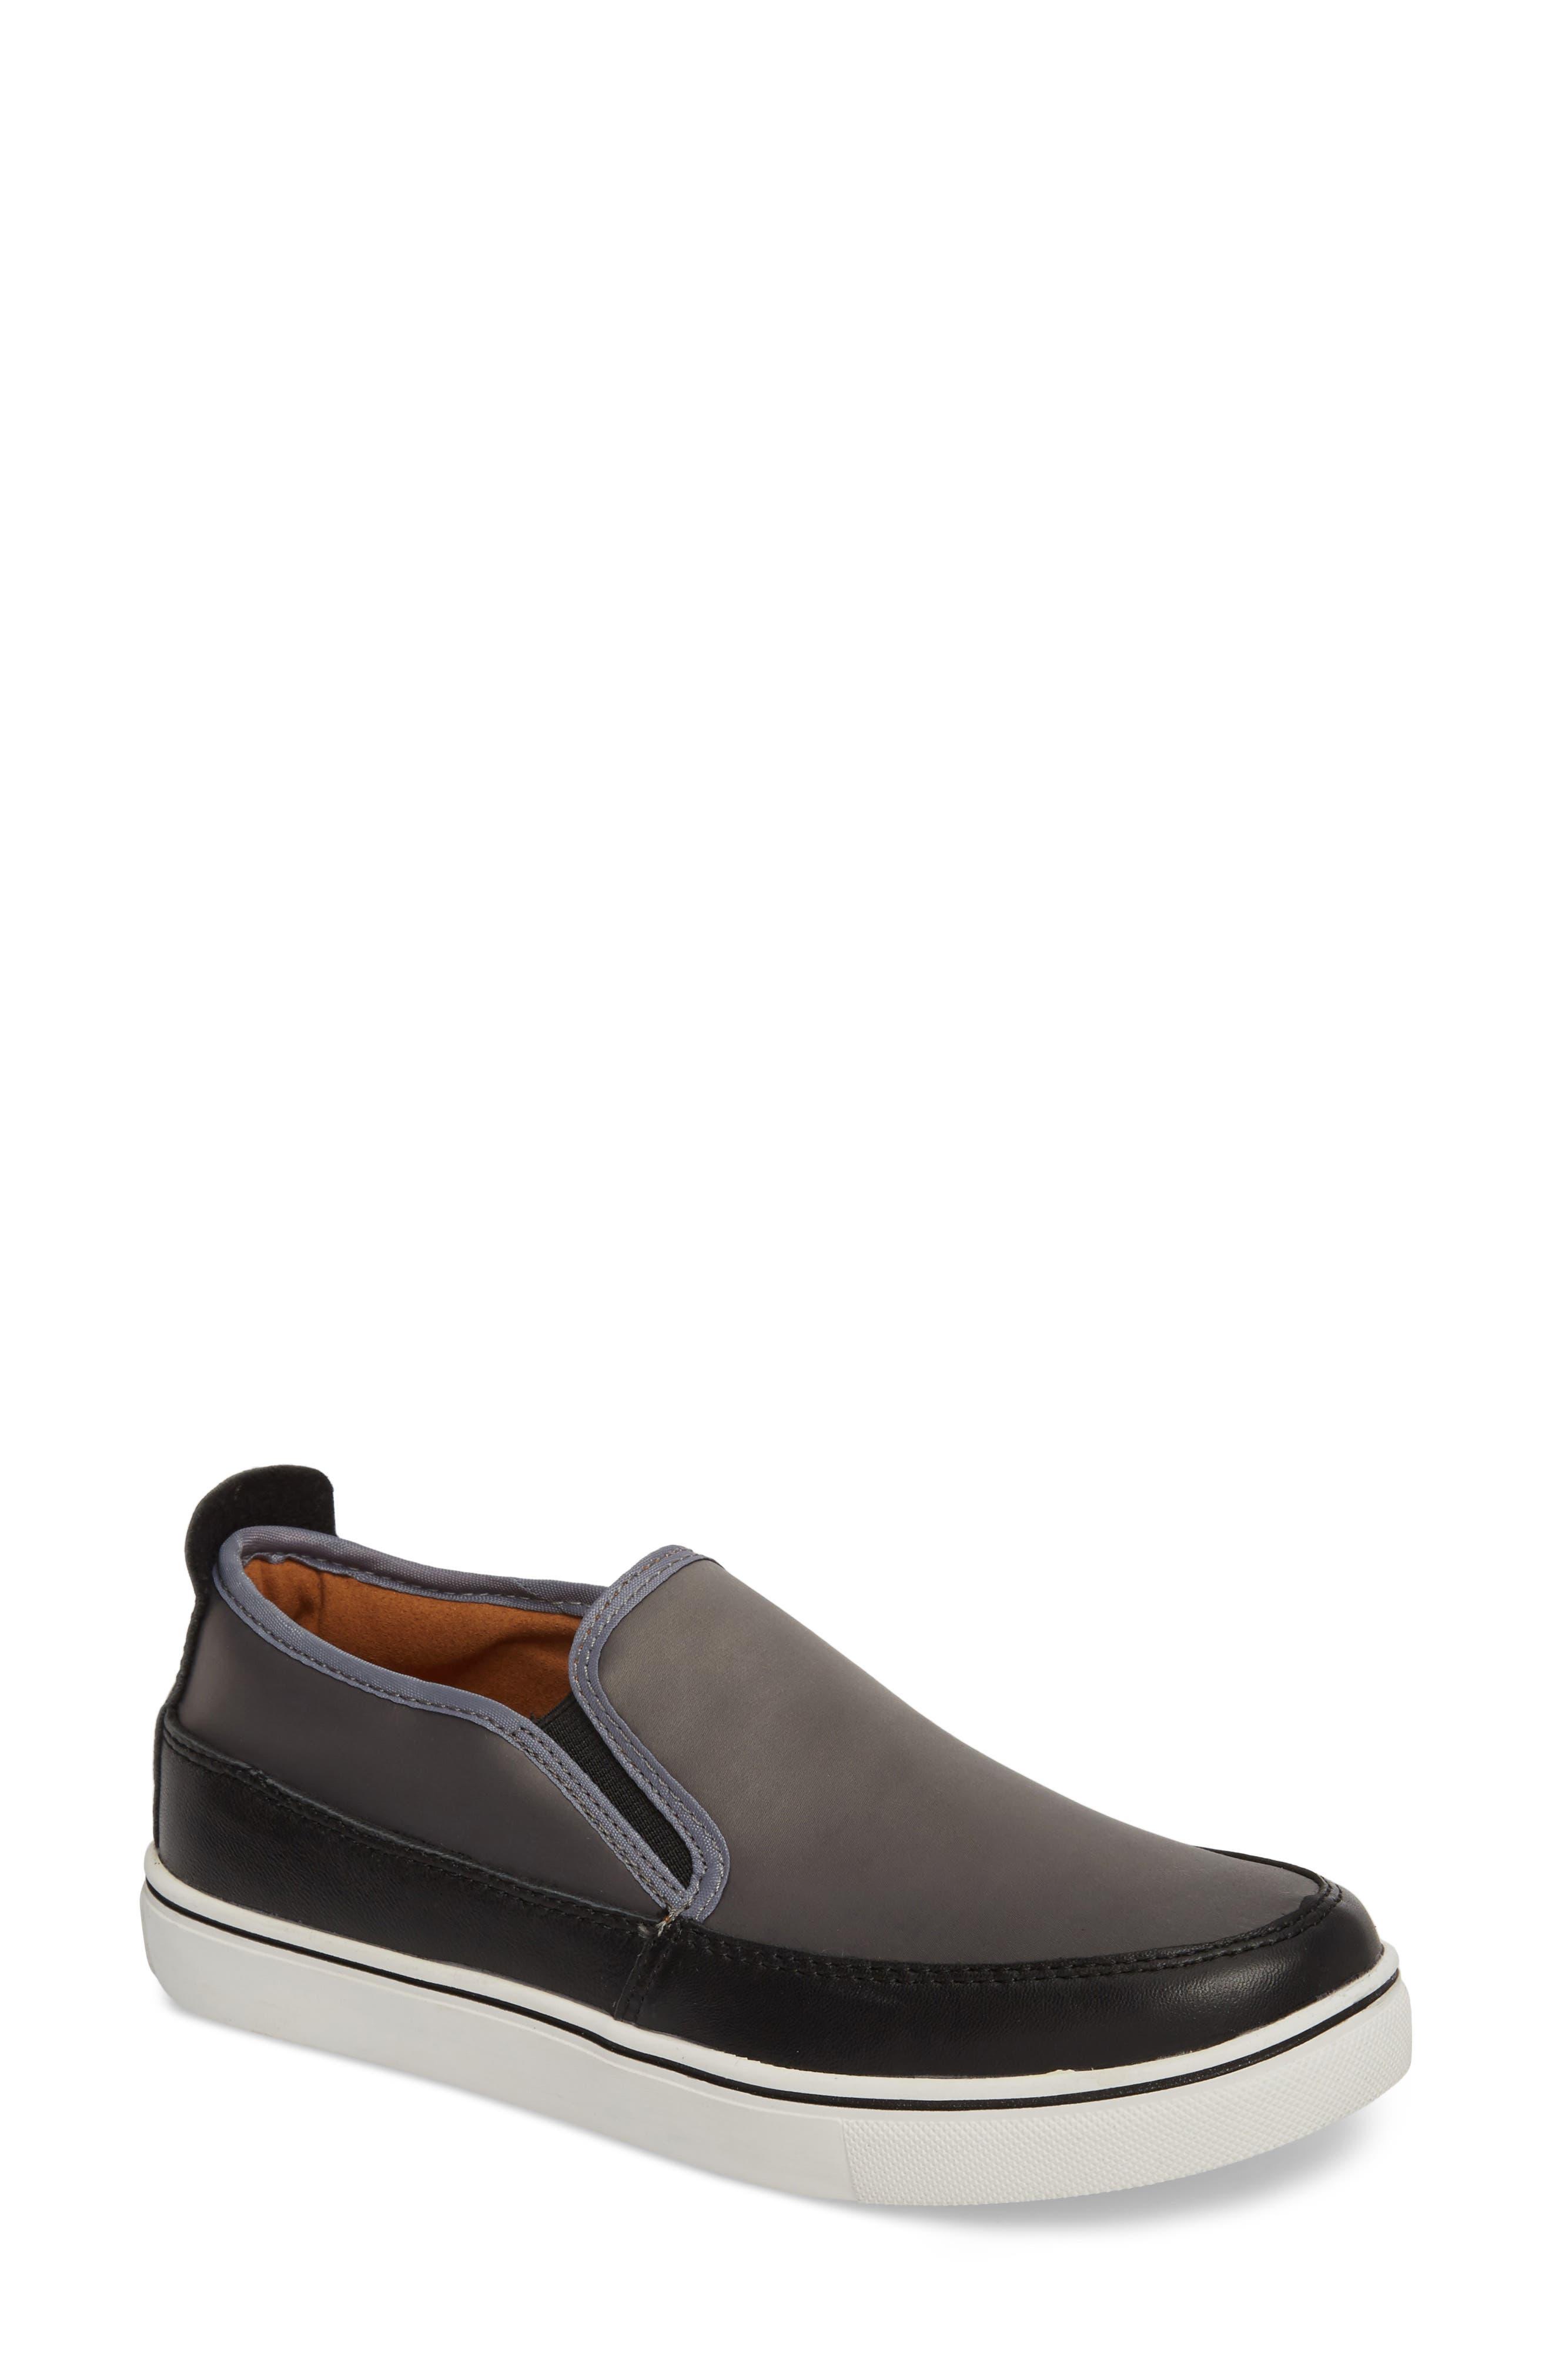 Double Gore Sneaker,                         Main,                         color, GREY SATIN